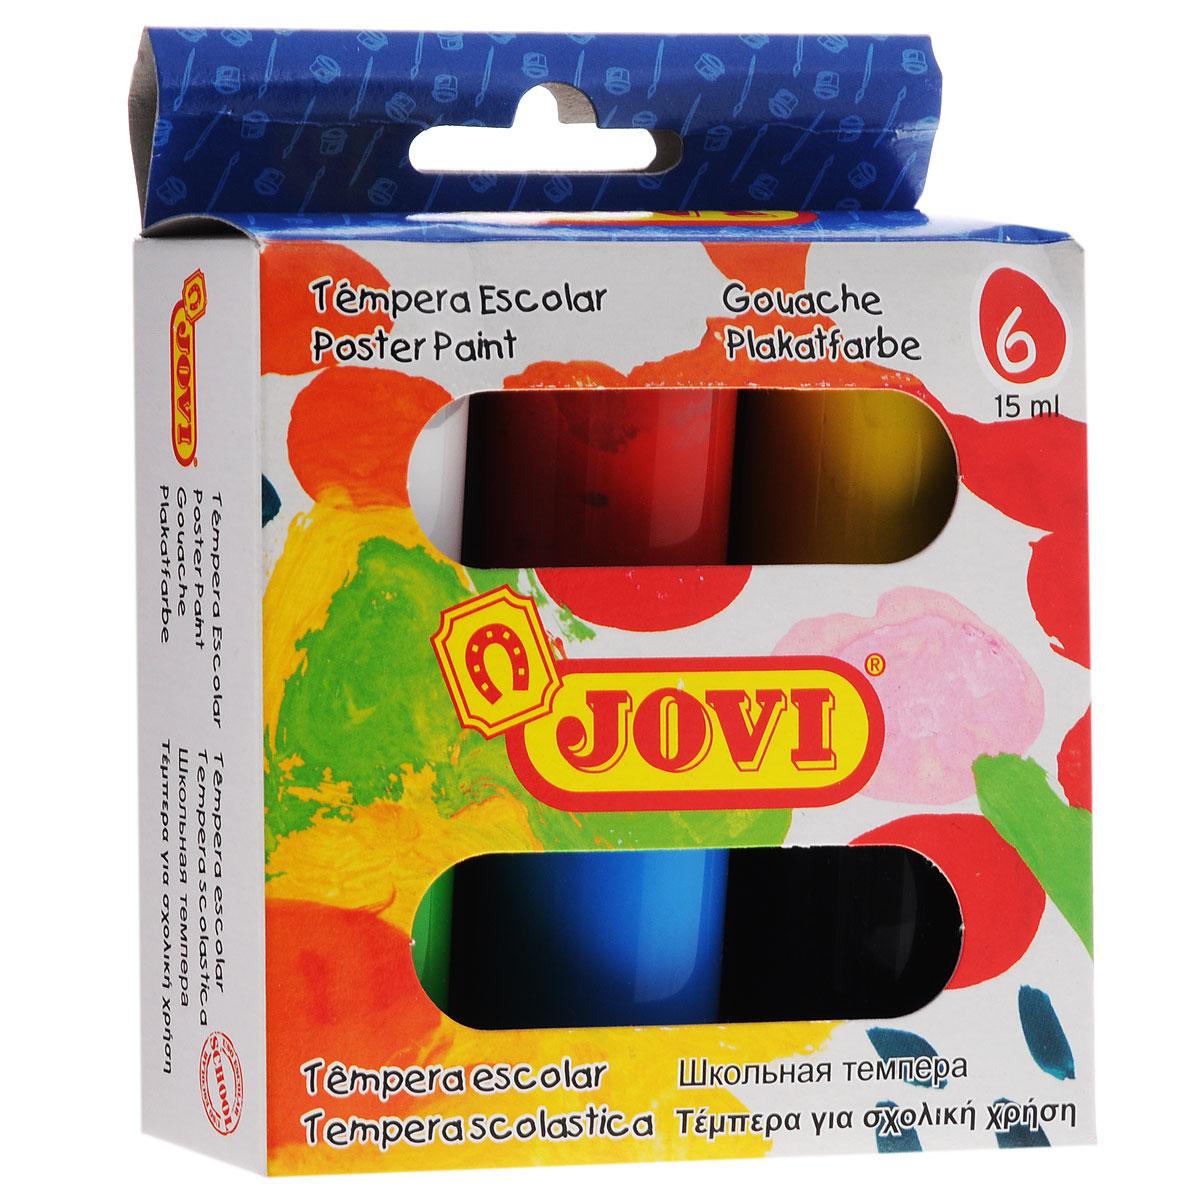 Гуашь Jovi, 6 цветов520Гуашь Jovi отлично подходит для детского творчества и оформления художественно-декоративных работ. Набор состоит из 6 насыщенных цветов (белый, красный, желтый, зеленый, синий, черный). Каждый цвет упакован в прозрачную пластиковую баночку с крышкой. Гуашевые краски на водной основе медленно расходуются и быстро высыхают, легко наносятся и имеют большую покрывающую способность. Готовы к использованию без разбавления водой. Для получения новых оттенков, краски можно смешивать. Работа с гуашью будет способствовать развитию творческой личности ребенка, а также развитию цветового восприятия. Не рекомендуется детям до 3-х лет.